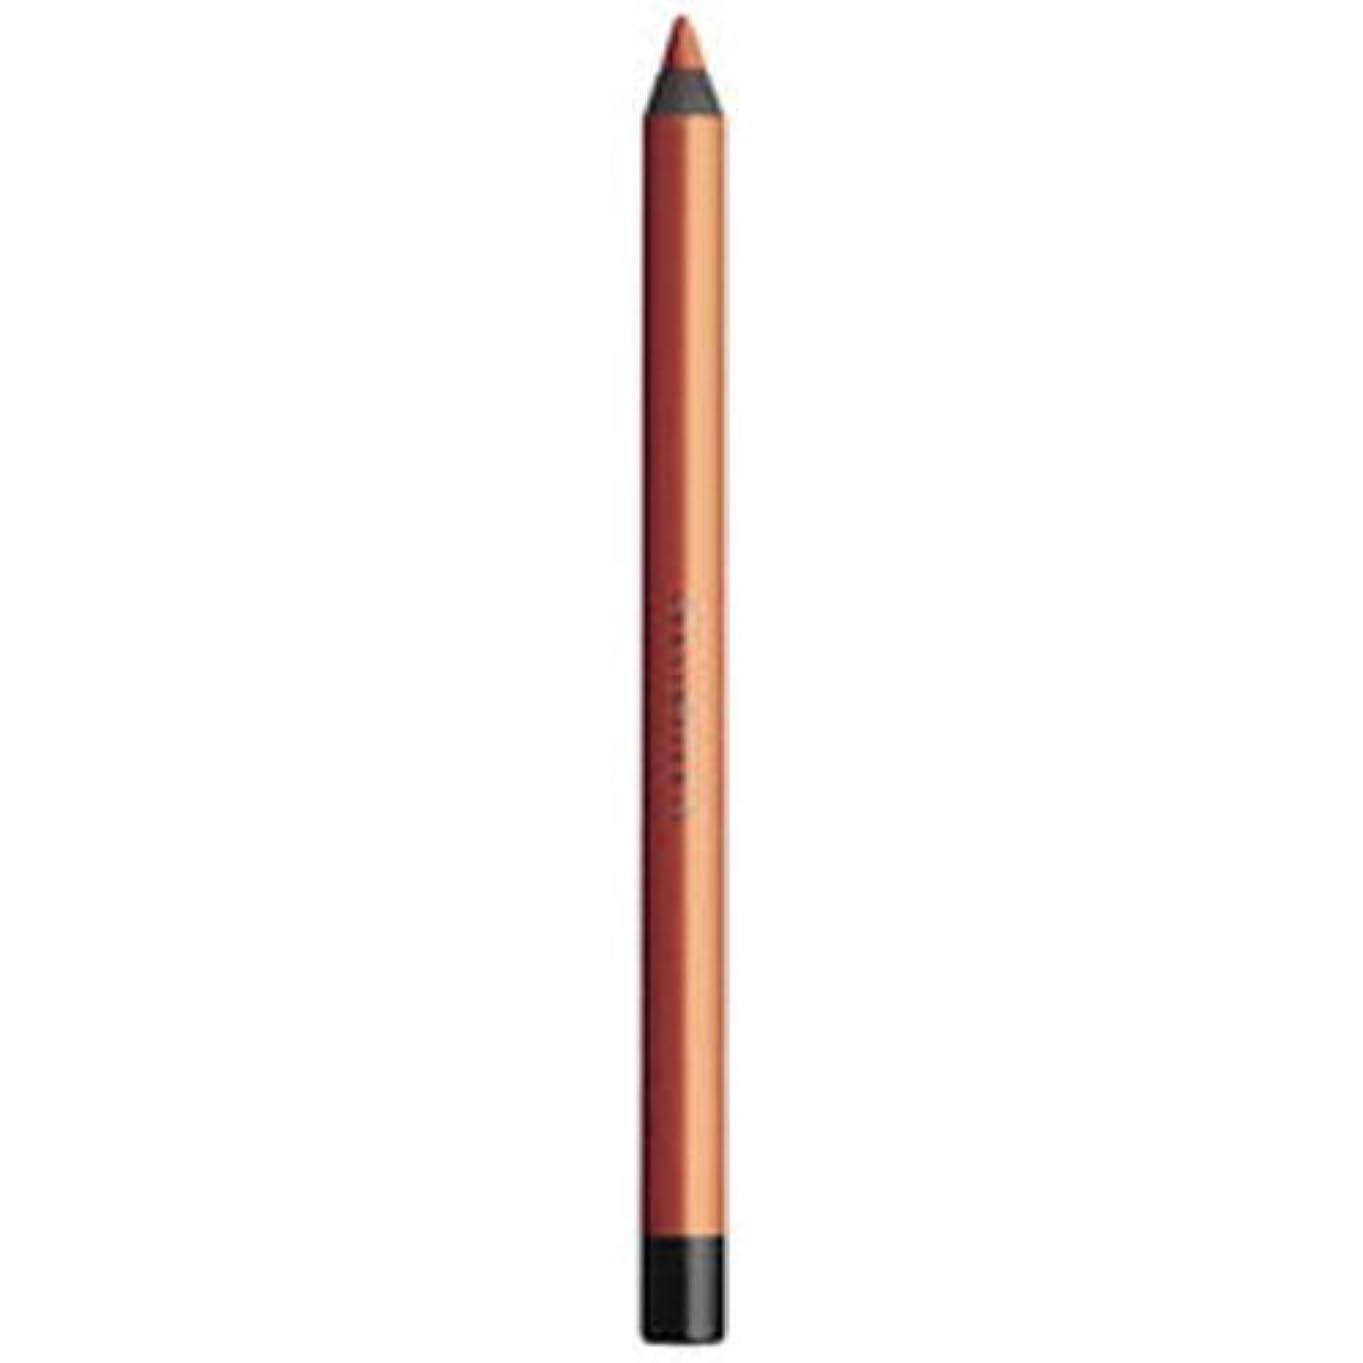 ばかげている石のカセットドローイング ペンシル P ライト オレンジ 21